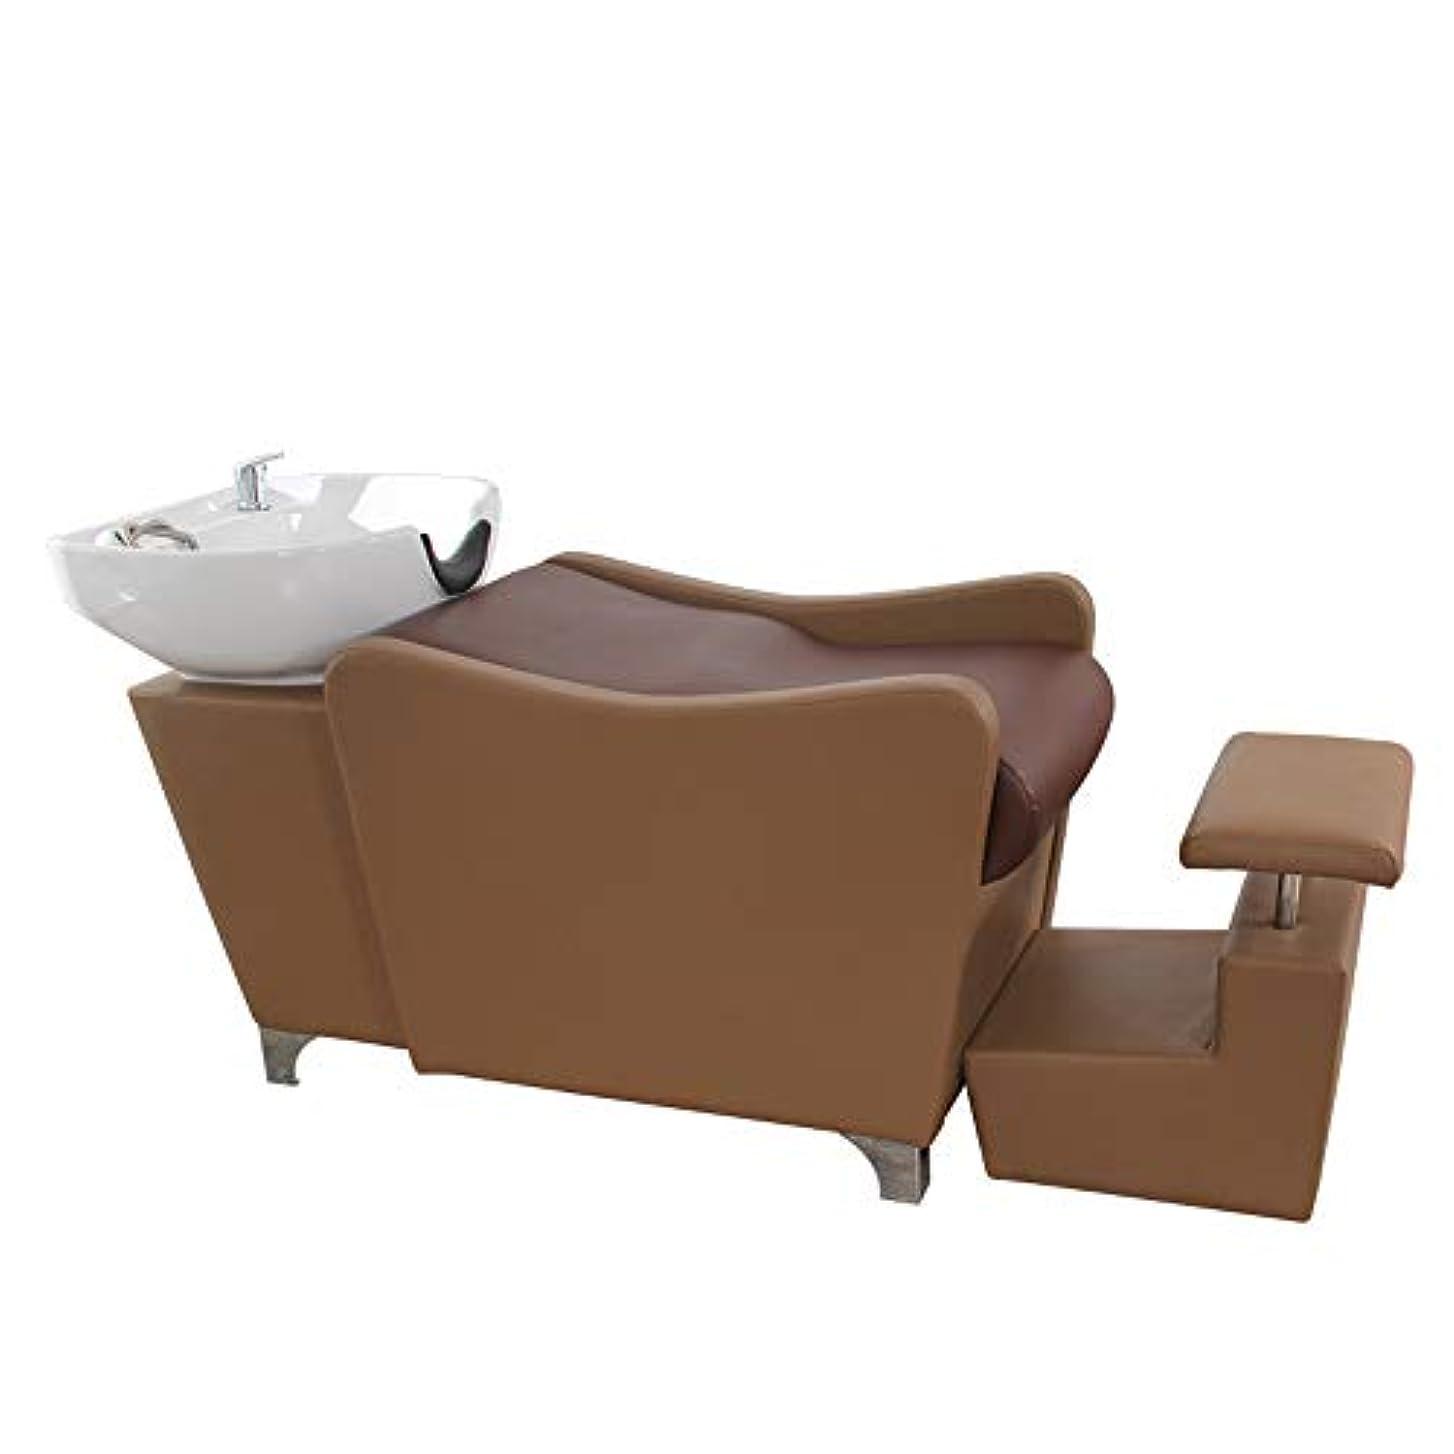 からに変化する権利を与えるメニューシャンプーチェア、理髪店の逆洗ユニットシャンプーボウル理髪シンクの椅子用スパ美容院機器(ブラウン)